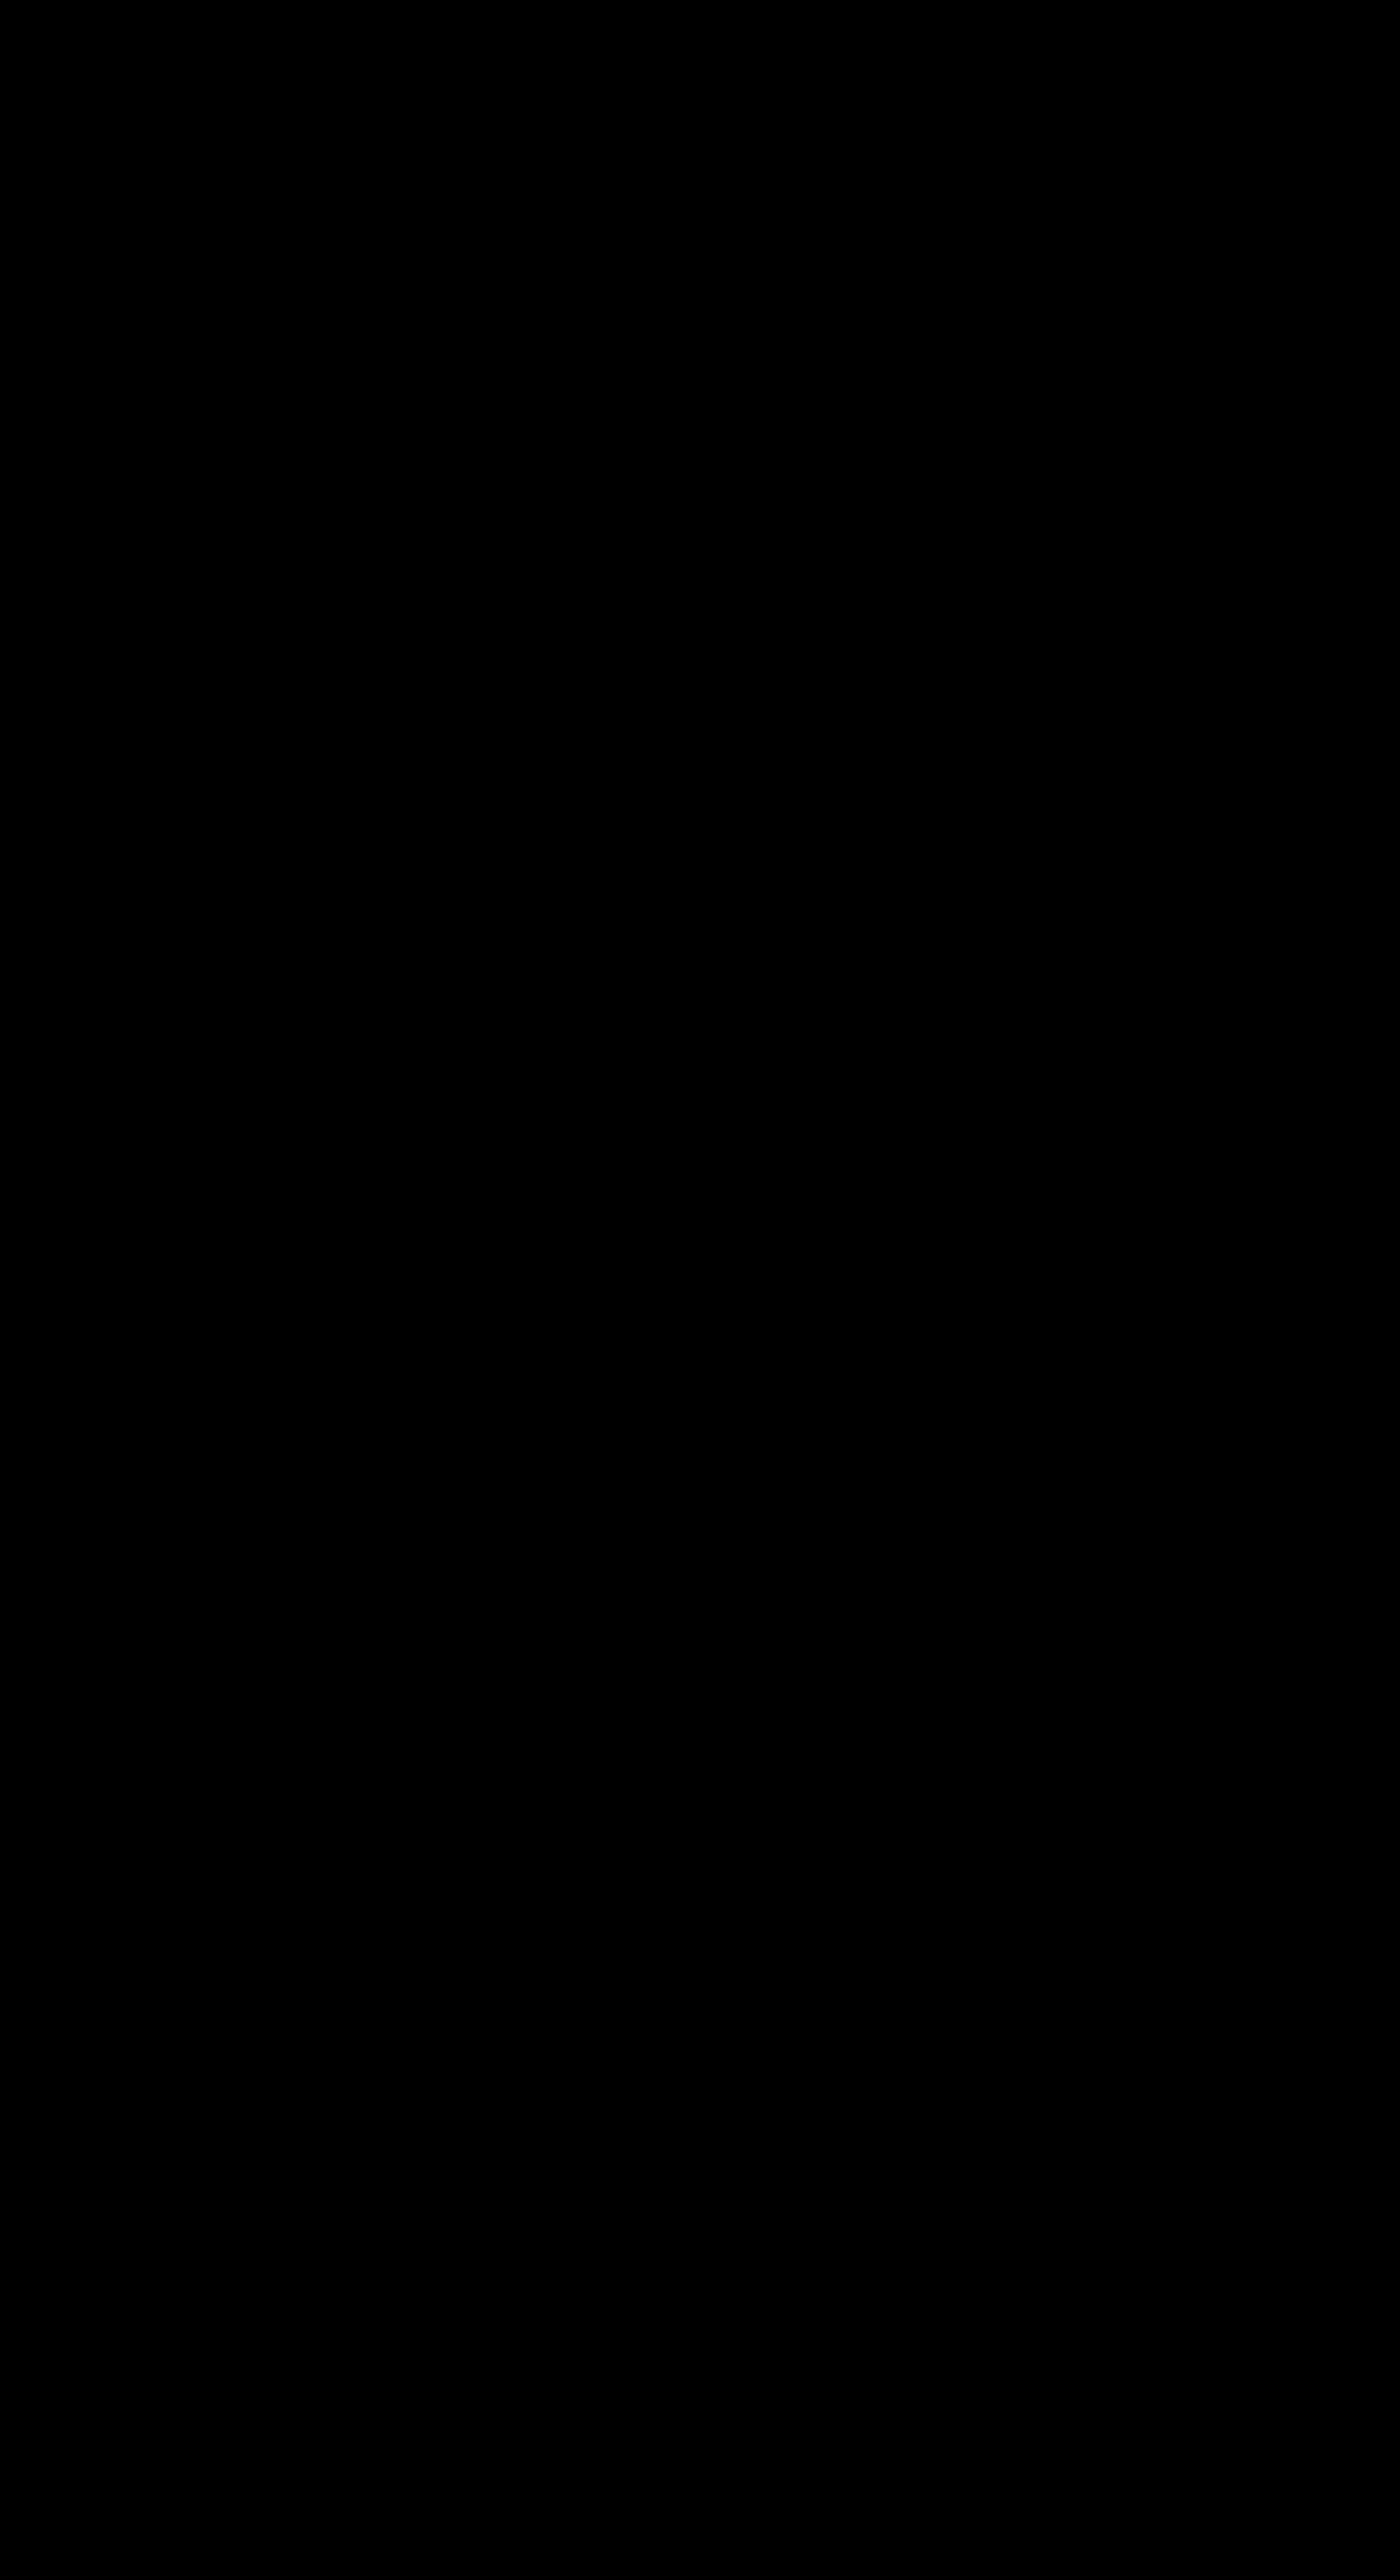 kaart-kennemerduinen-met-handschrift--JacPThijsse-1940-NatuurMedia-Duinen-en-mensen